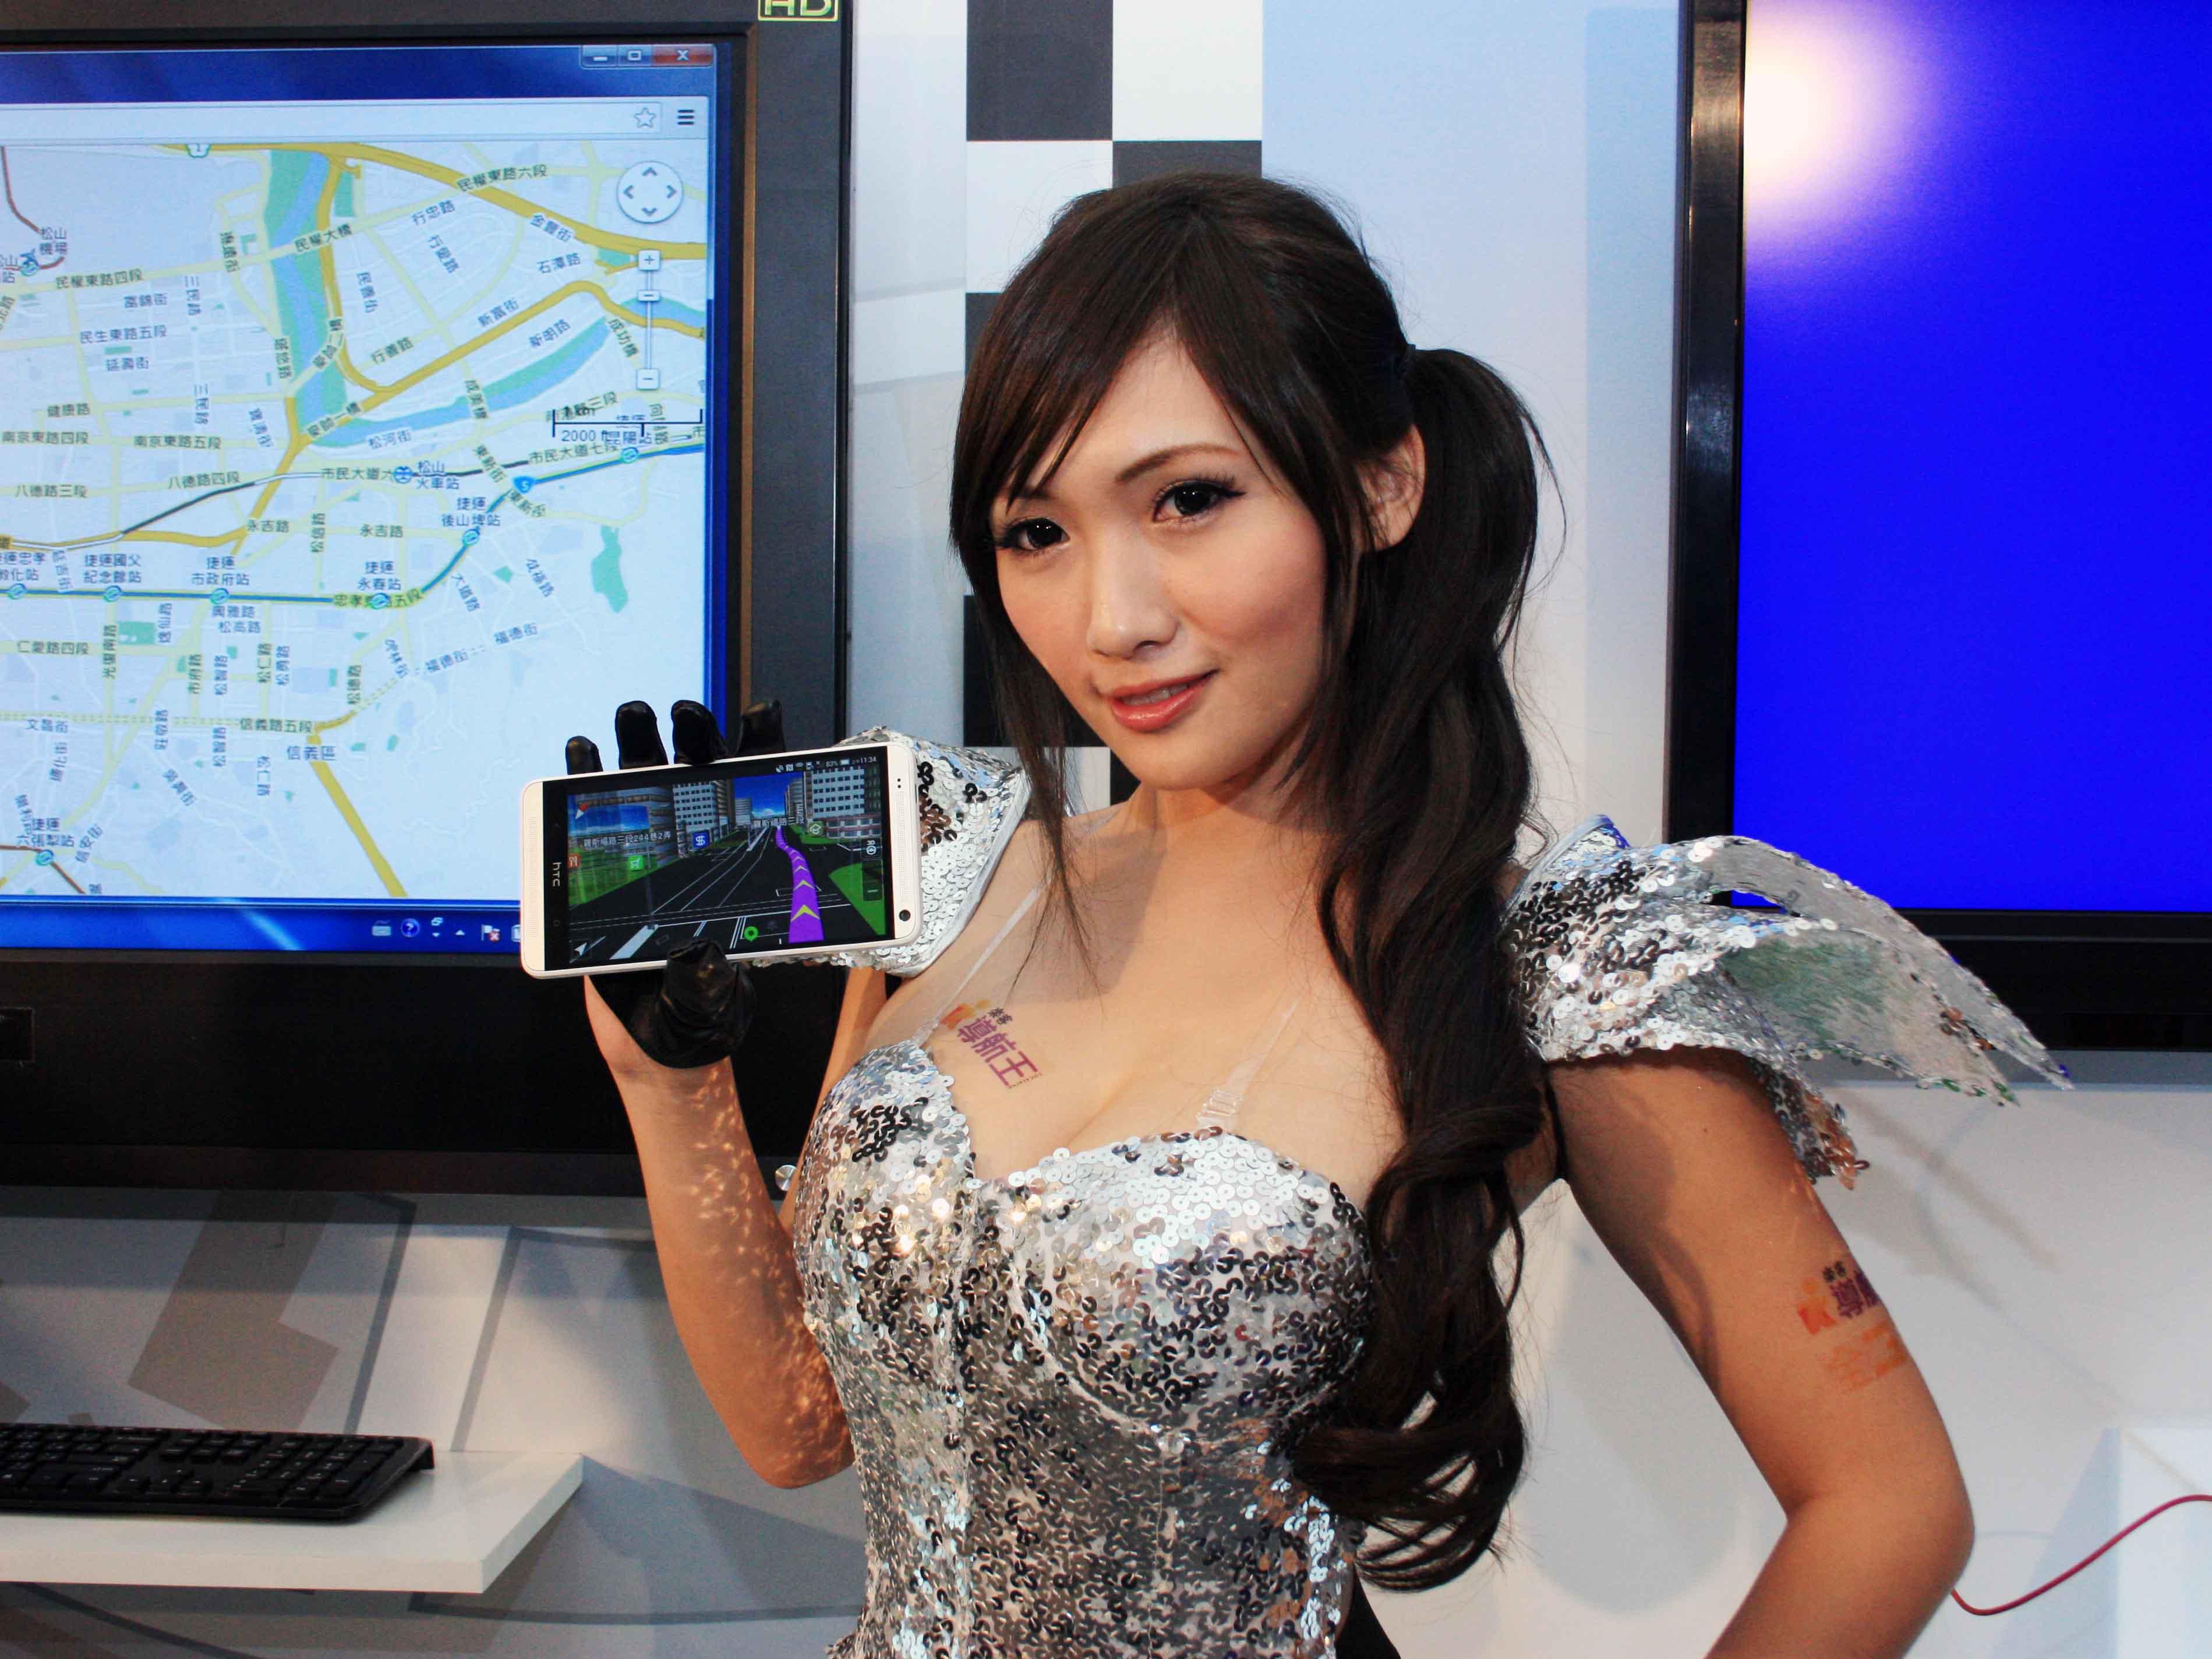 導航王全3D導航軟體 就像身歷其境的導航